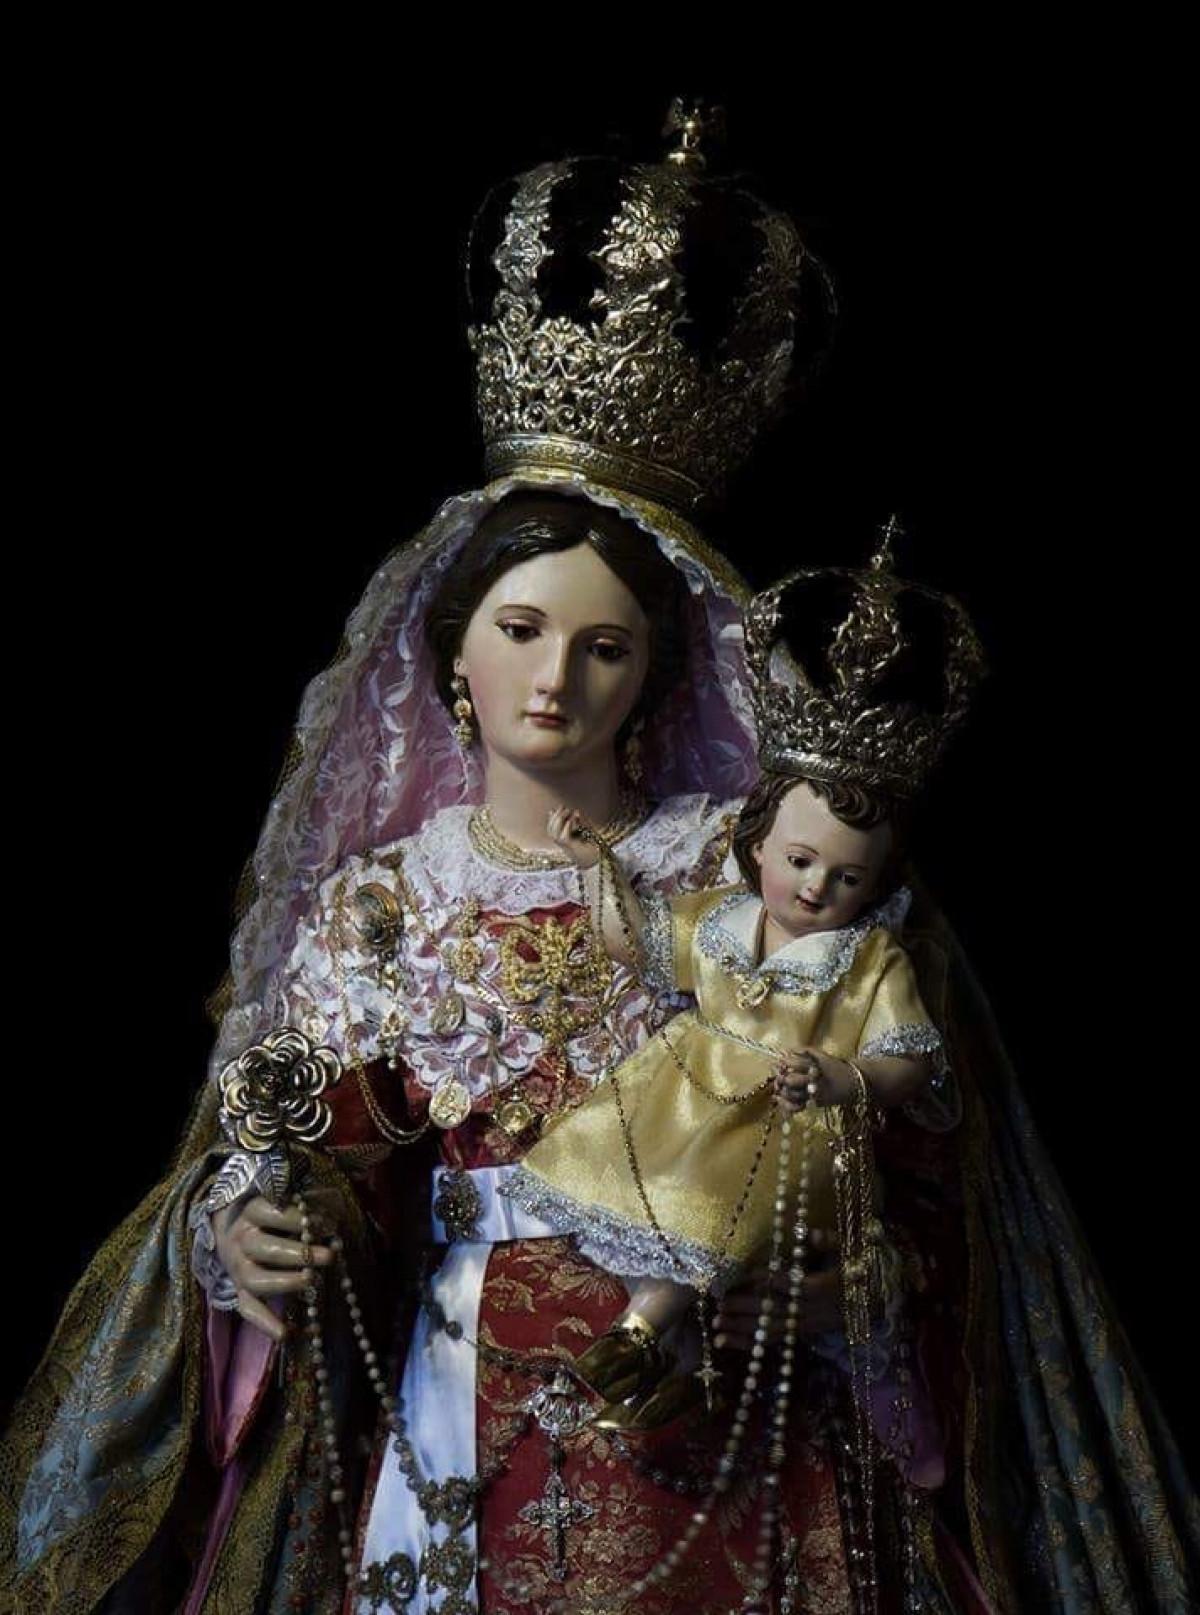 Nuestra señora la Virgen del Rosario Parroquia de La Concepción Realejo Bajo (Tenerife )